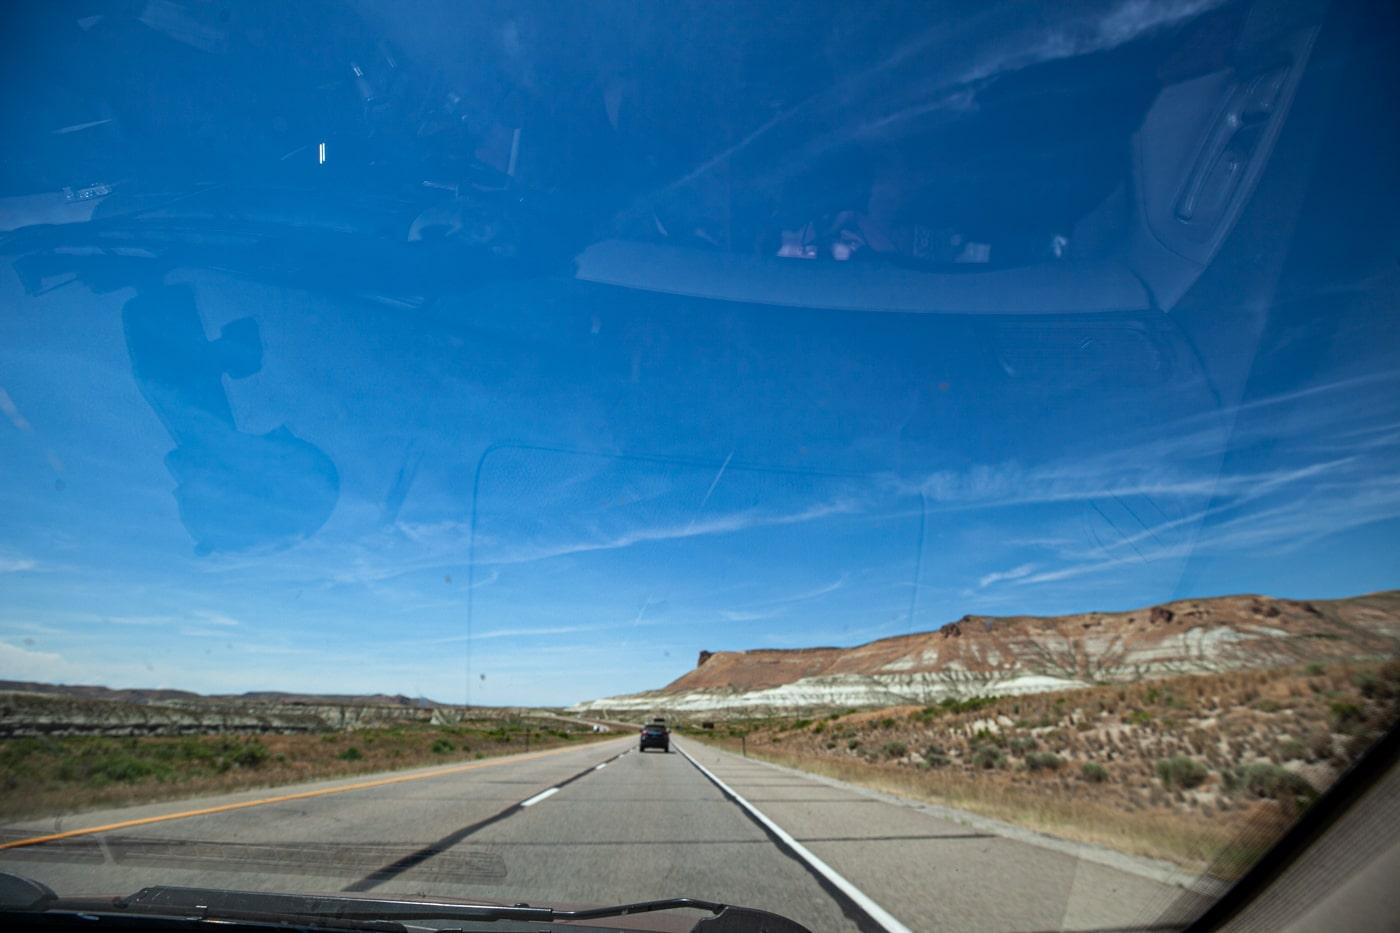 Driving through Wyoming.